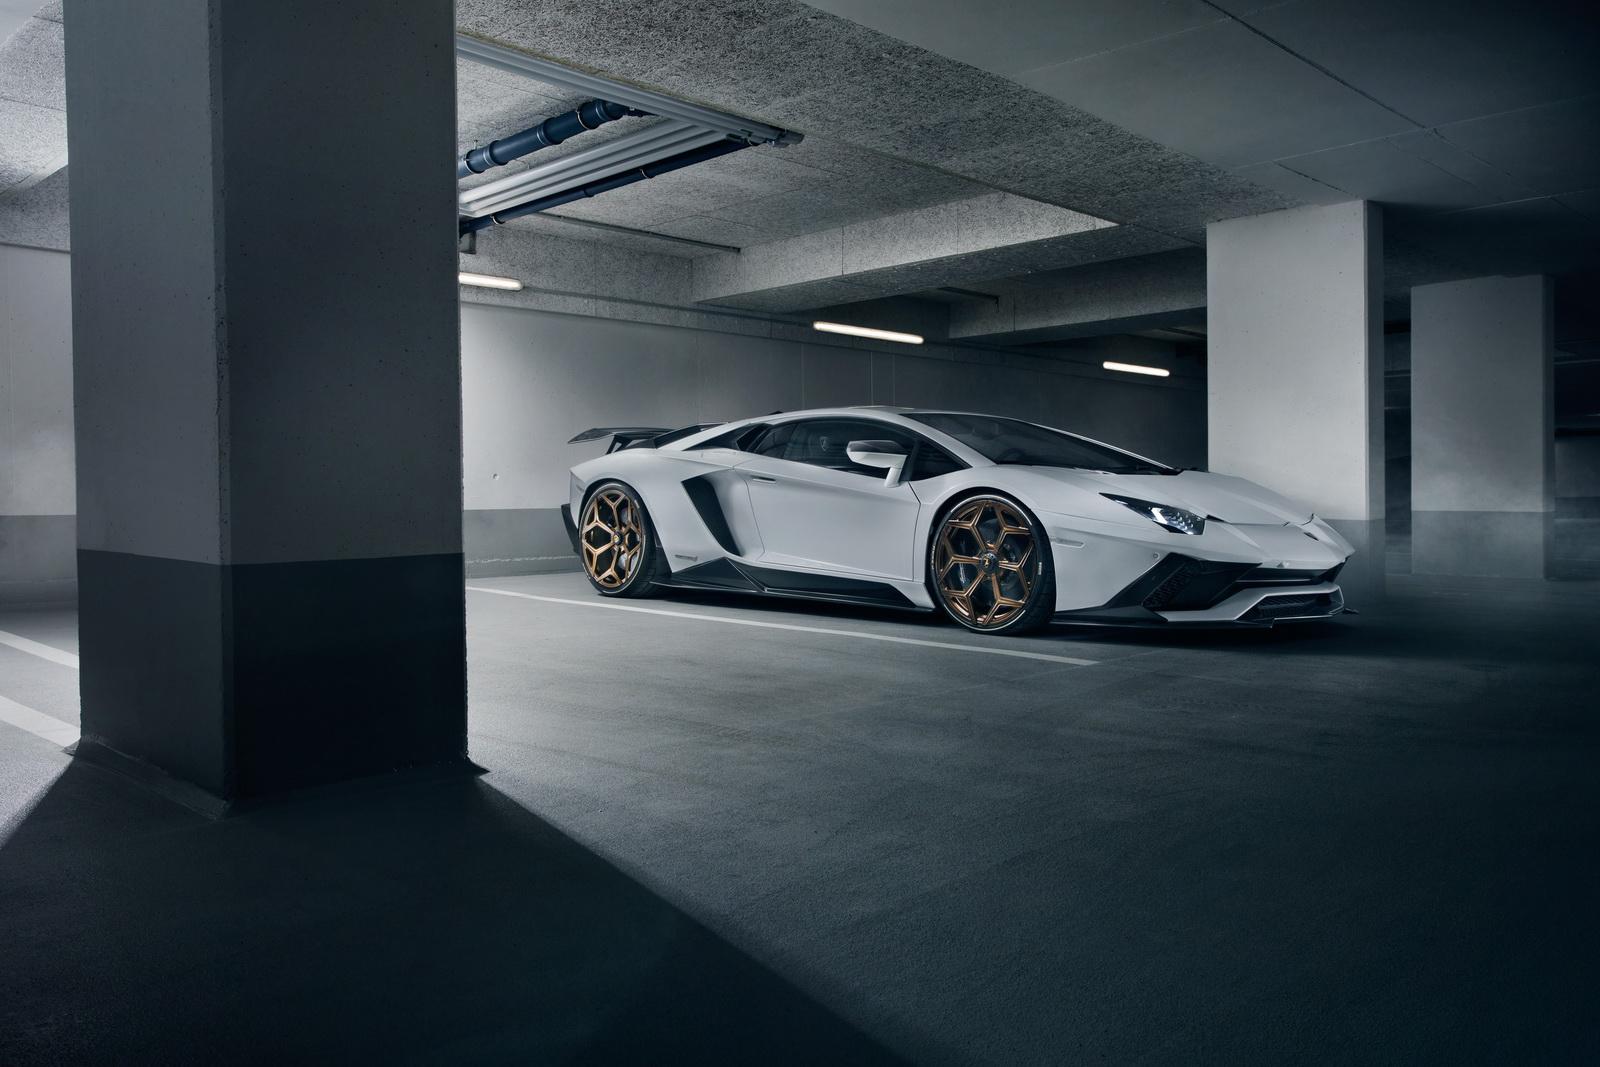 Lamborghini_Aventador_S_by_Novitec_0007